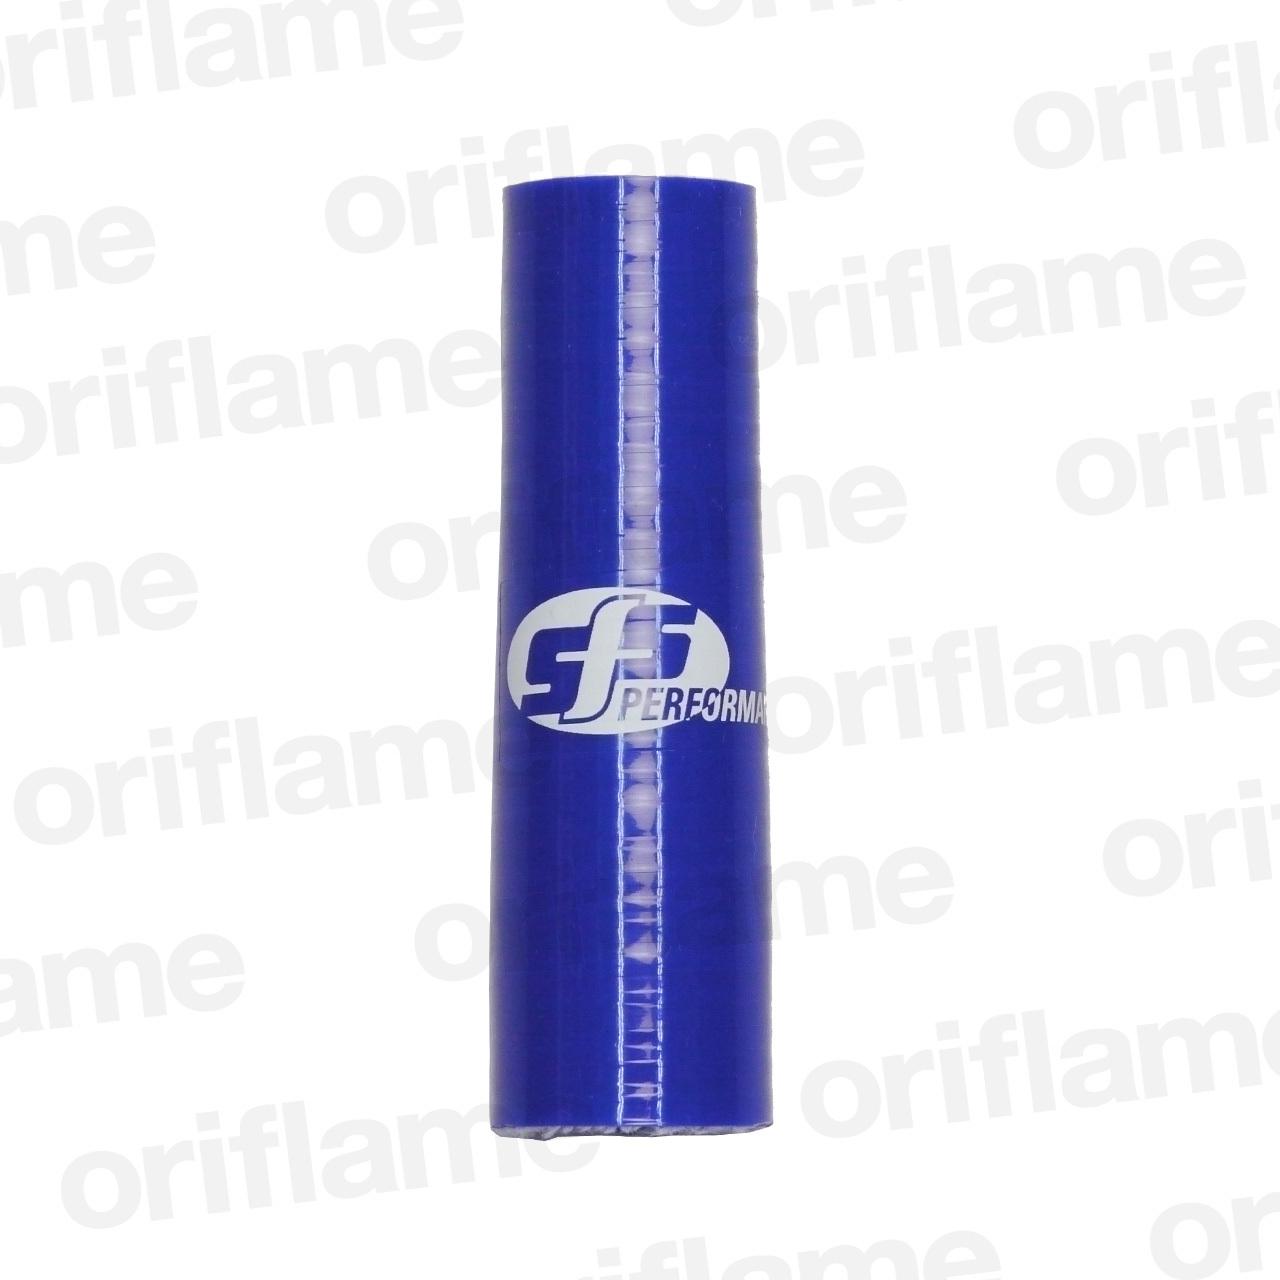 異径・ストレートホース・内径22 x 16mm・ブルー